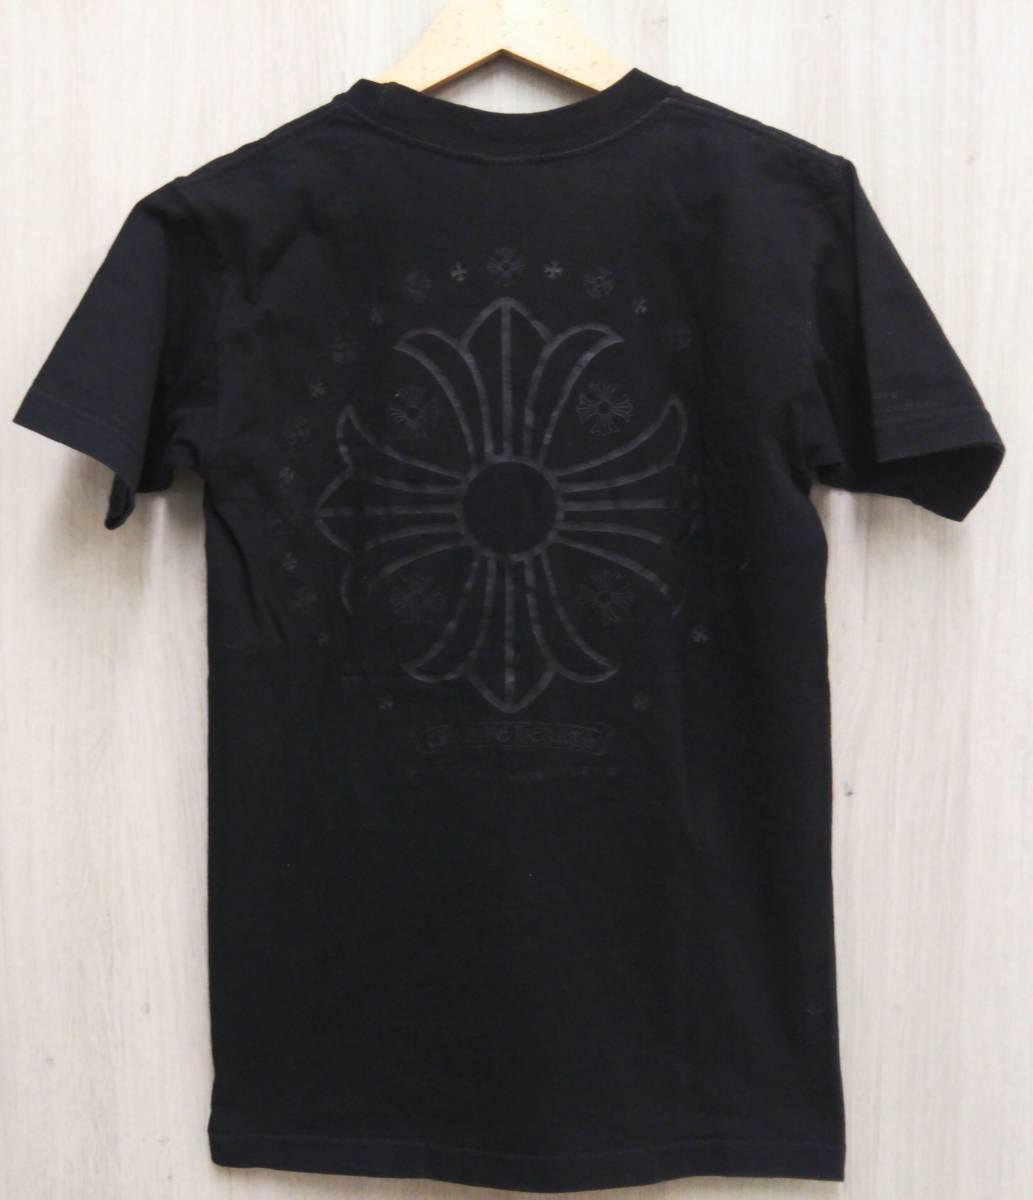 CHROME HEARTS クロムハーツ 半袖Tシャツ Sサイズ ブラック_画像2